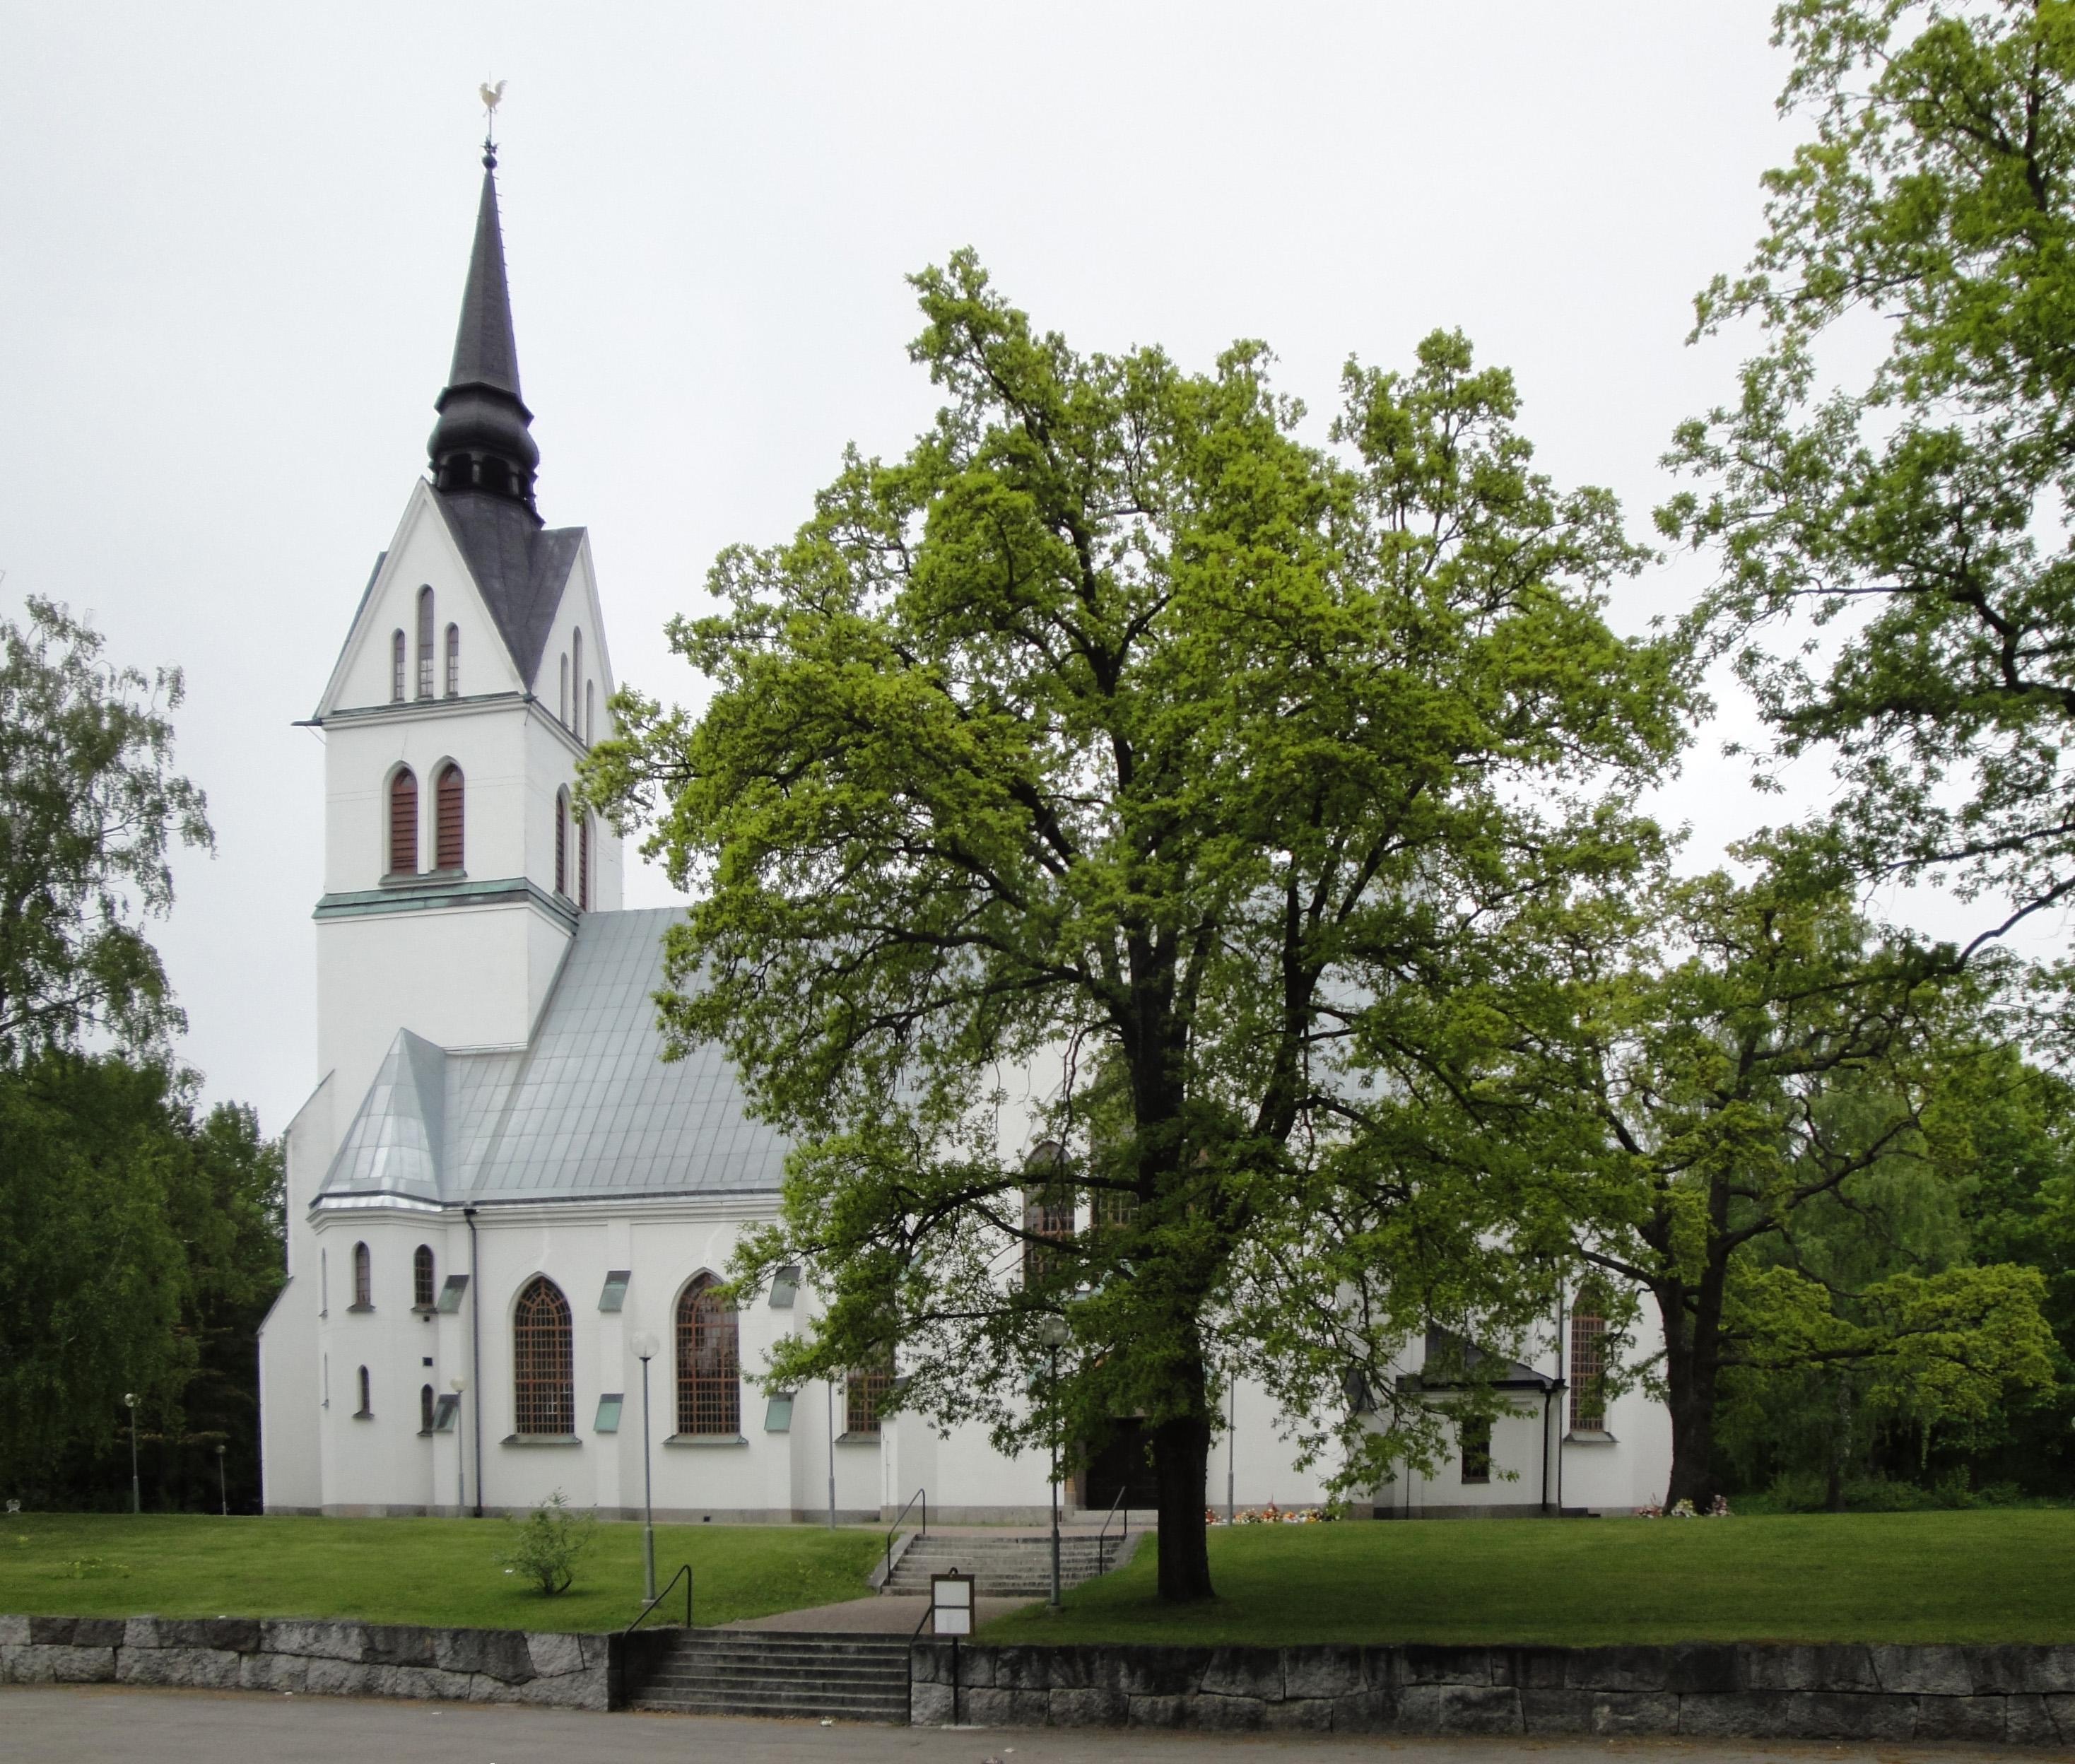 Nedergrdsvgen 18 Uppsala Ln, Skutskr - unam.net